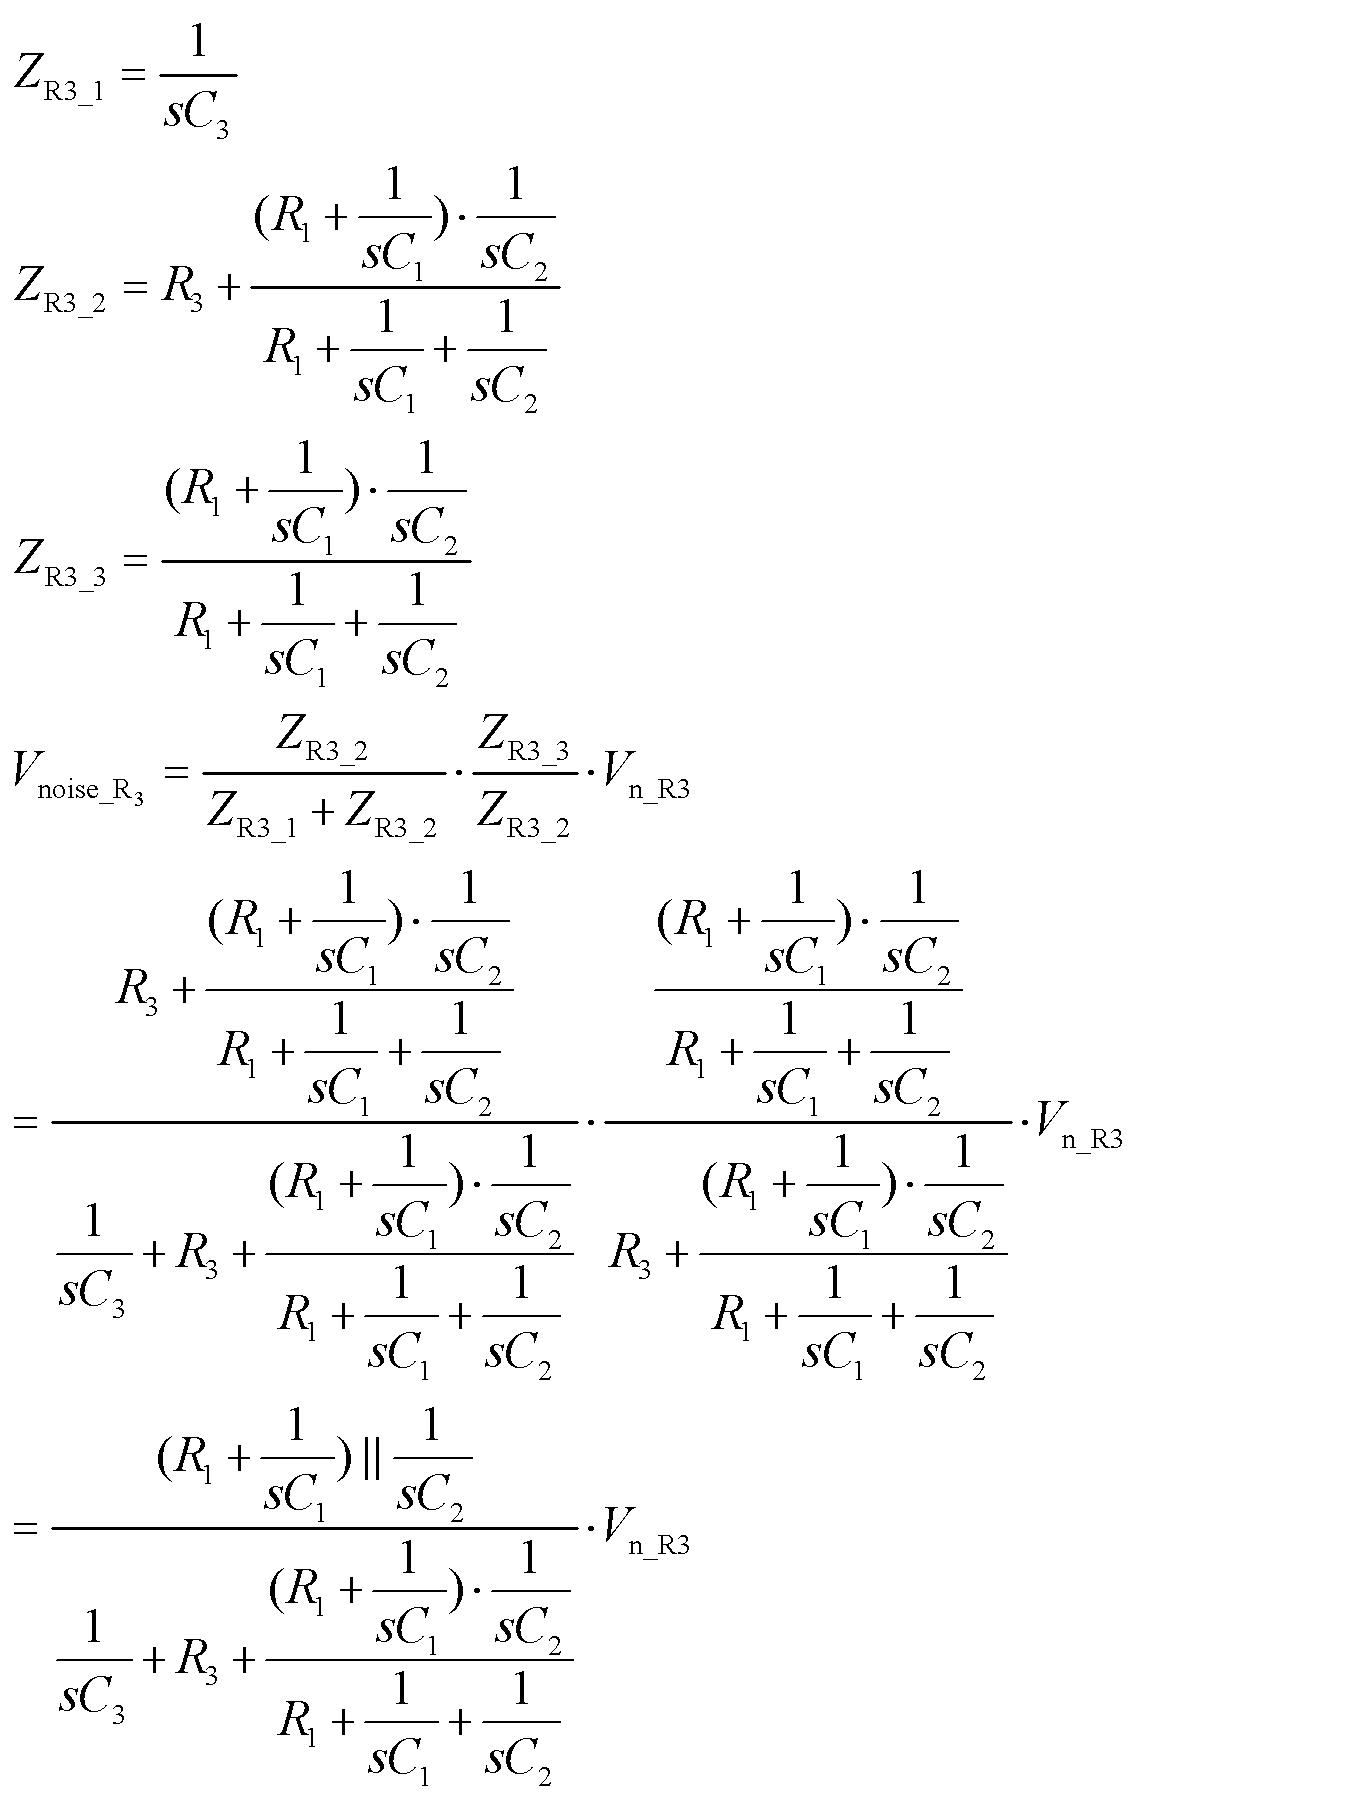 电阻r3的噪声传递函数推导如下